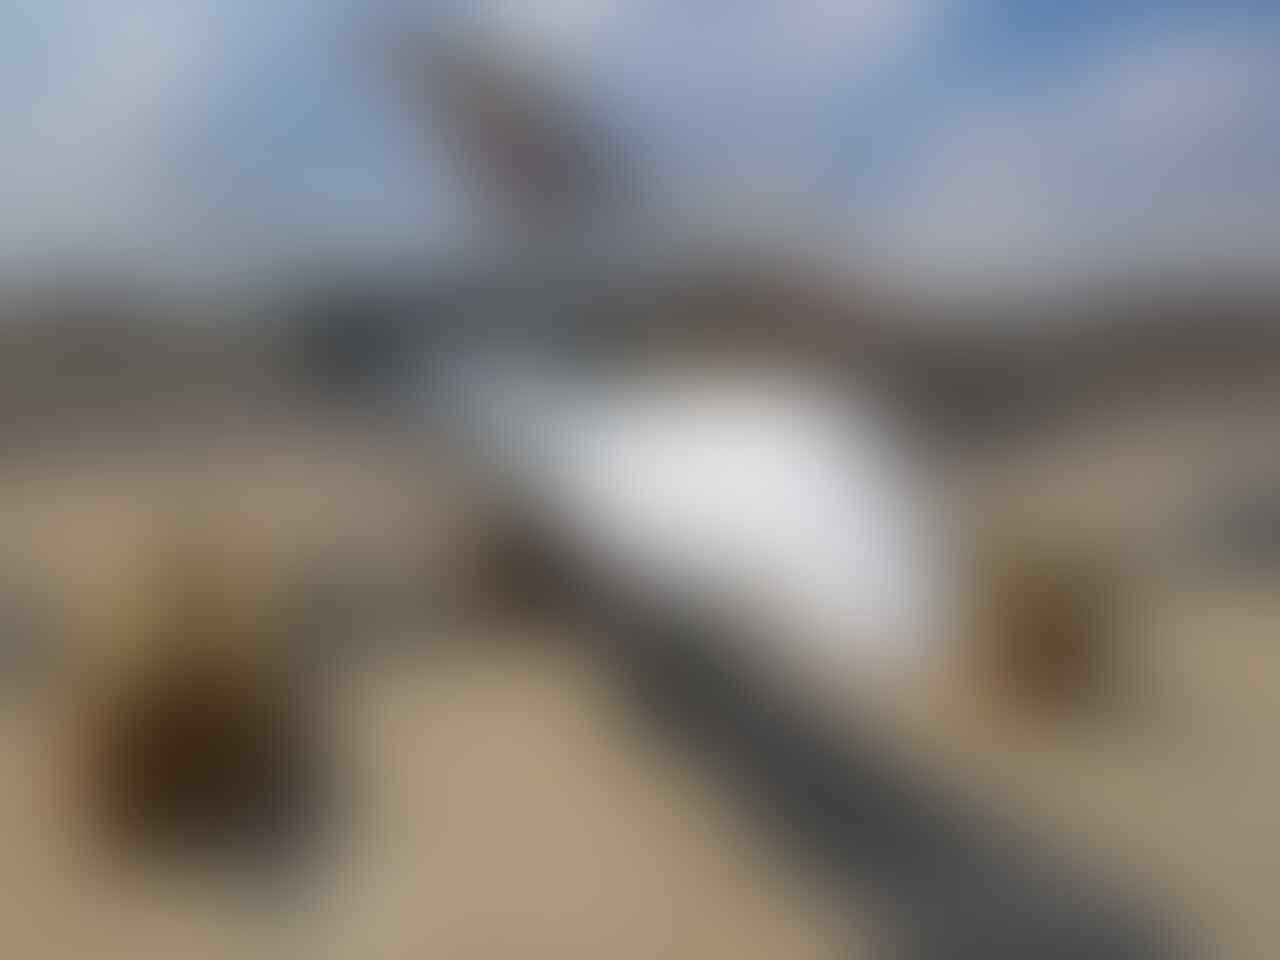 Tampil Dalam Demo Statis, Rusia Perkenalkan Drone Orion-E dan Rudal Anti Tank Vikhr